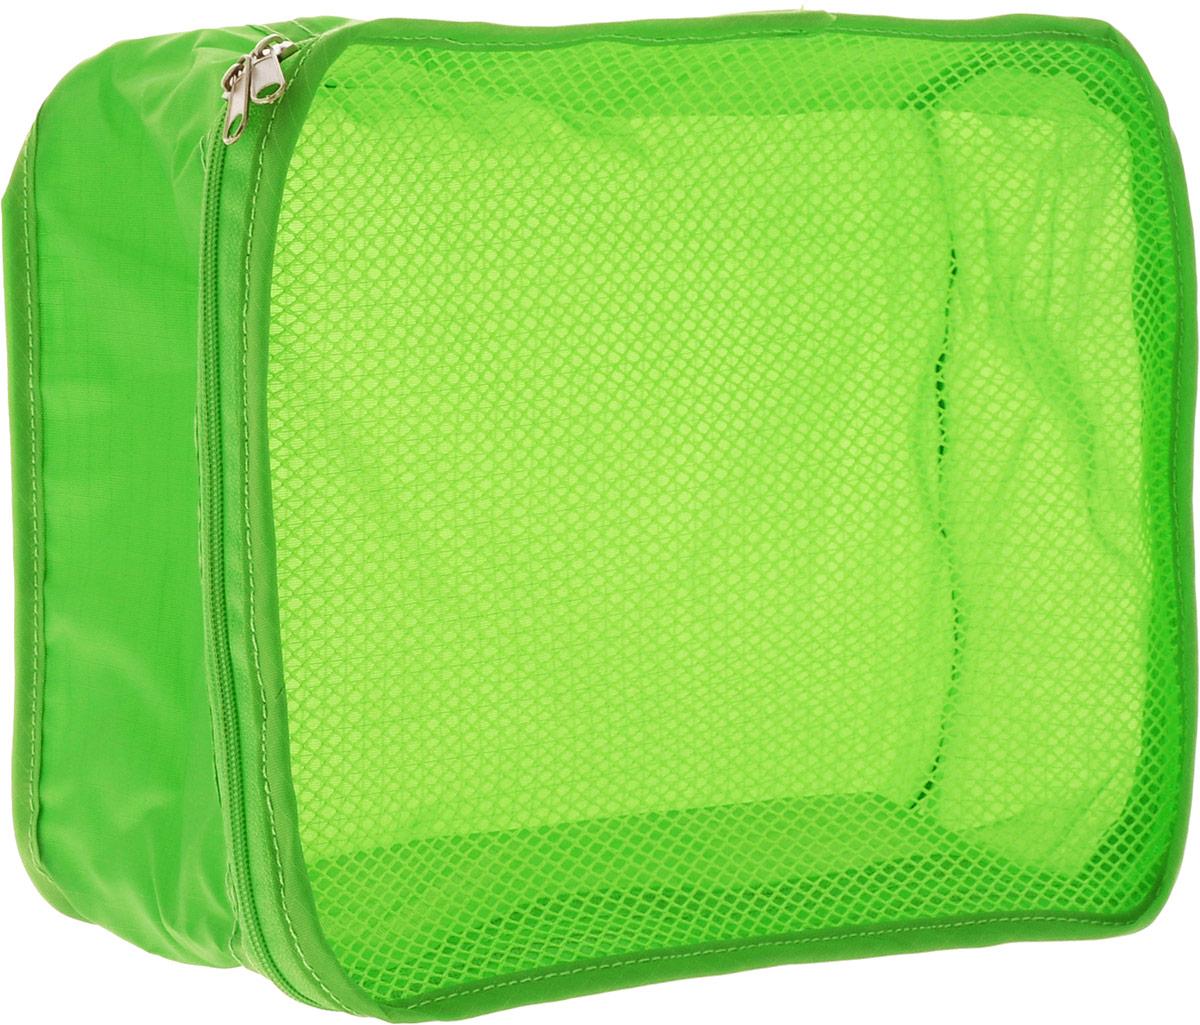 Colibri Косметичка, цвет: зеленый, 26 х 20 х 10 смSC262010 (GREEN)Косметичка Colibri выполнена из 100% полиэстера и дополнена вставкой из сетки. Изделие закрывается на молнию. Косметичка предназначена для транспортировки косметических средств и принадлежностей. Компактная и удобная косметичка не займет много места в чемодане.